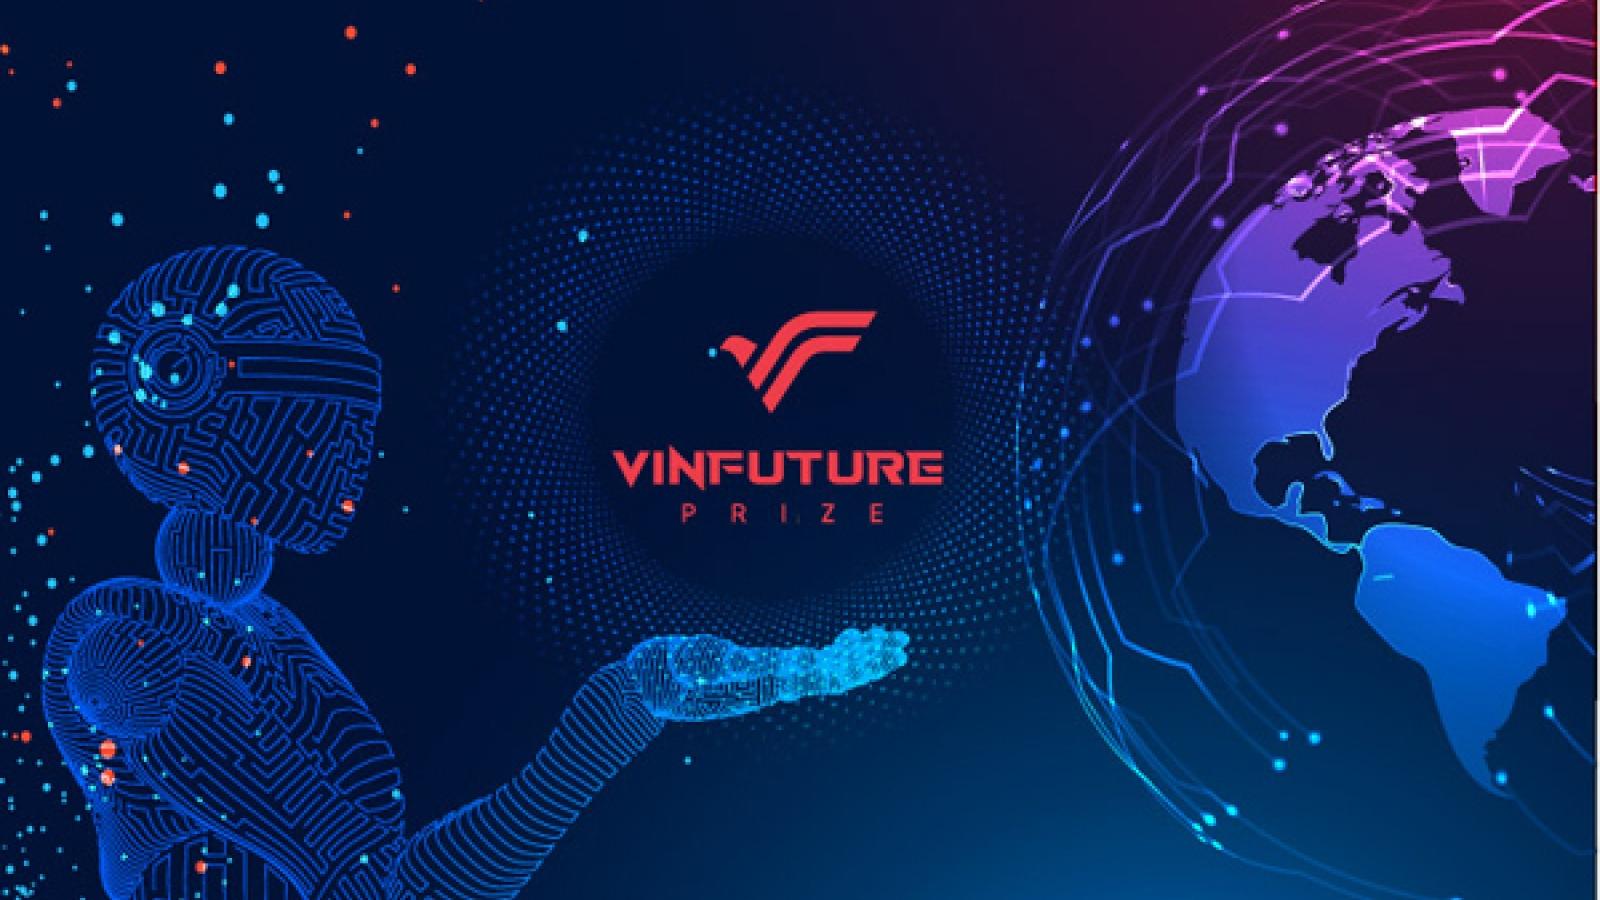 """""""VinFuture chứng tỏ vị thế và tầm ảnh hưởng đặc biệt của Việt Nam"""""""